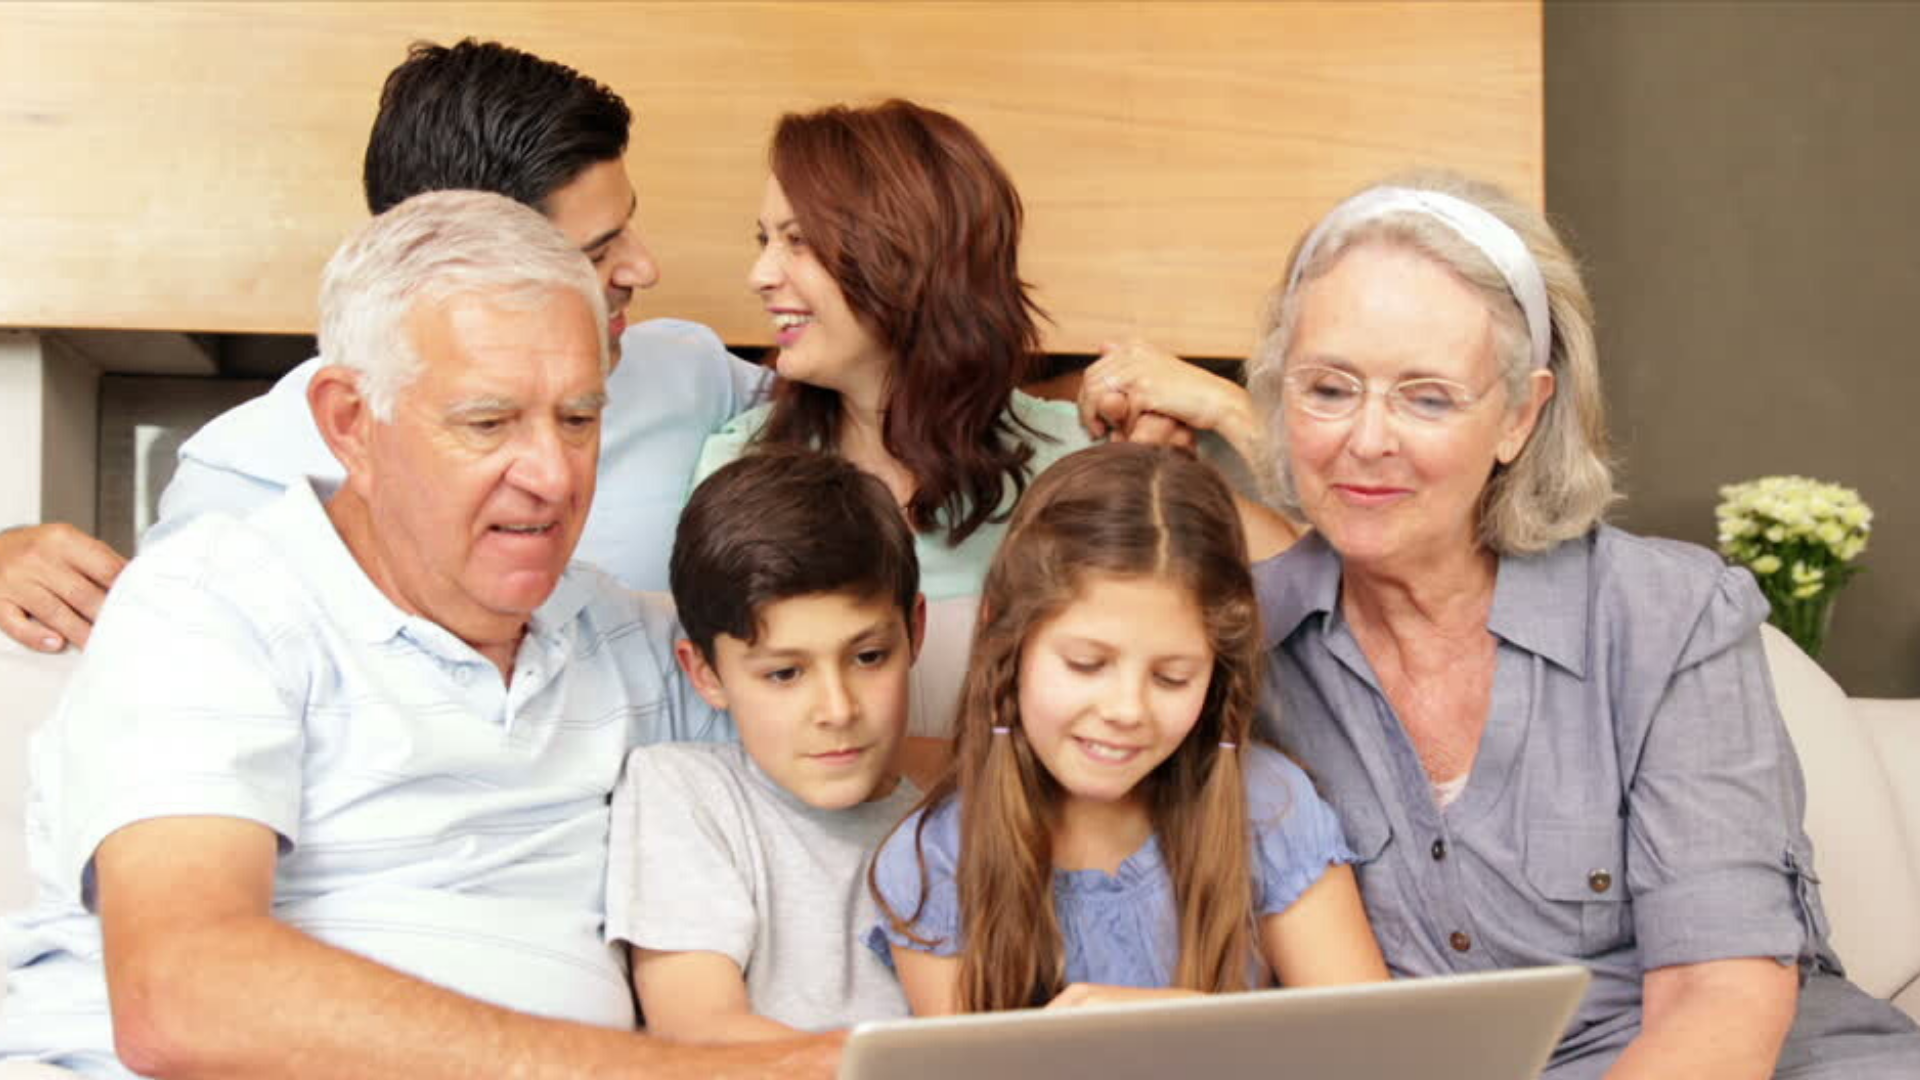 Sanità integrativa: il miglior investimento per te e la tua famiglia